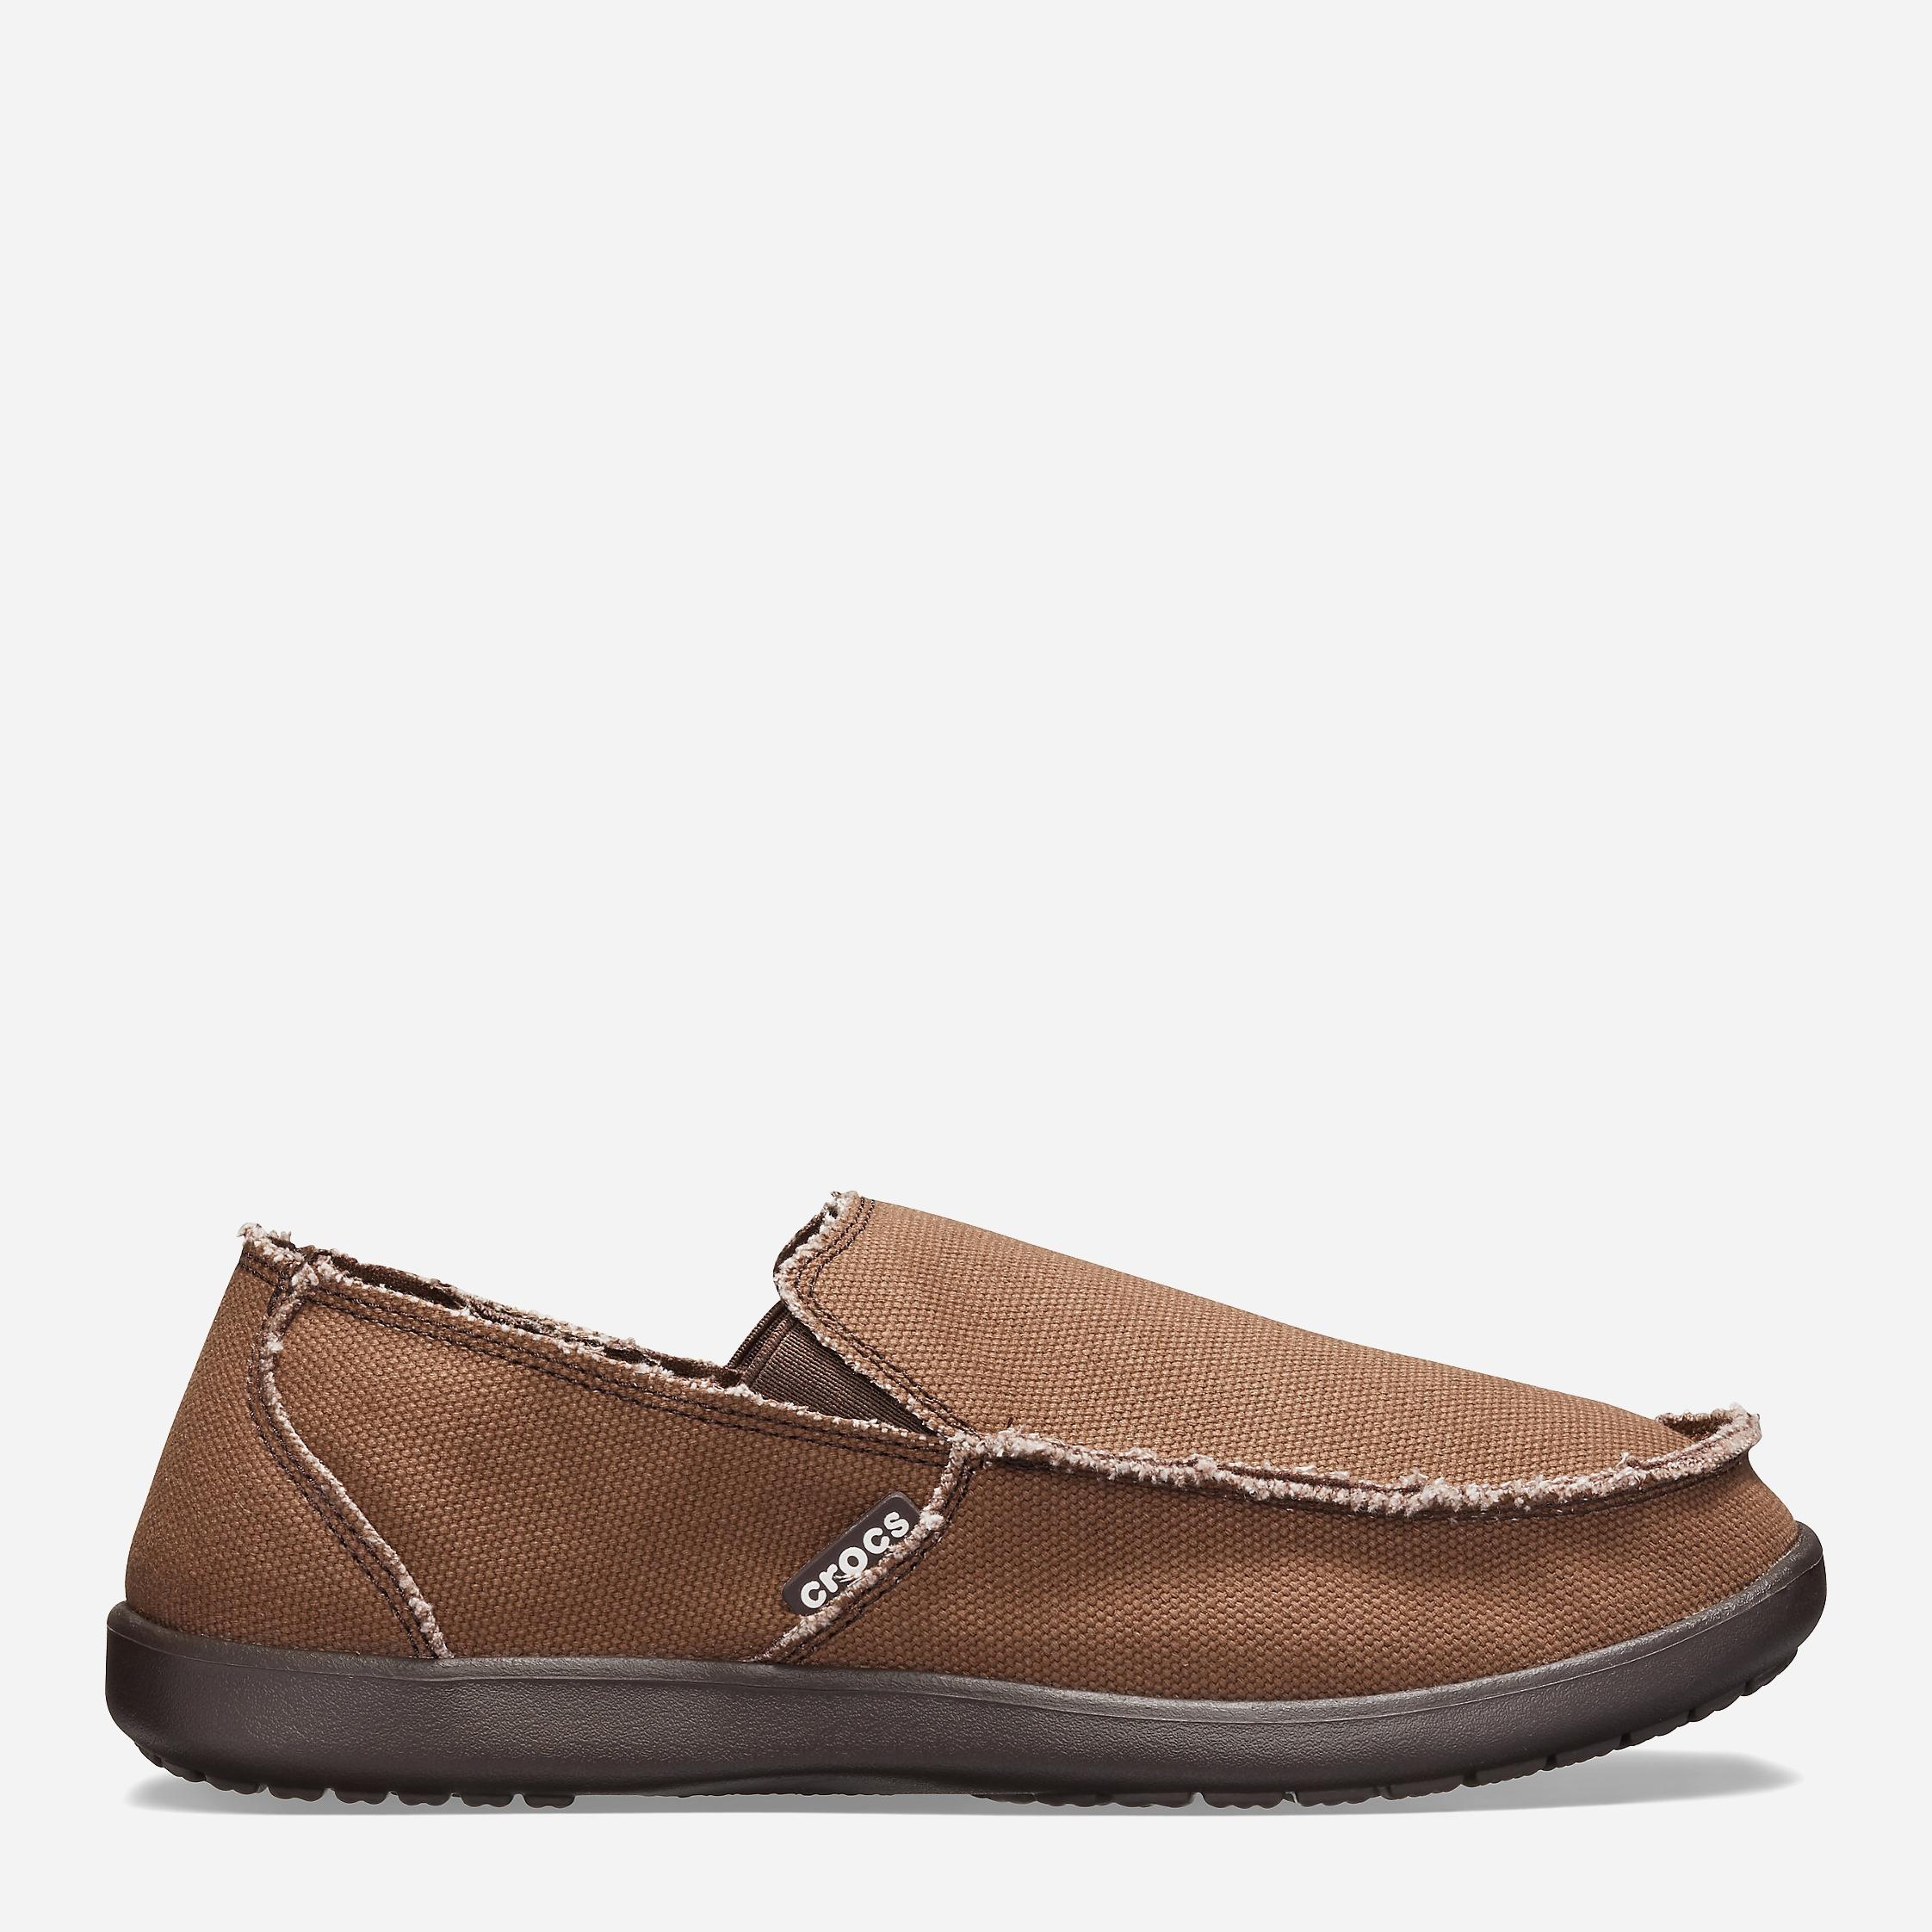 Слипоны Crocs Santa Cruz Man 10128-22Z-M10 43-44 27.2 см Коричневые (8835035552420)